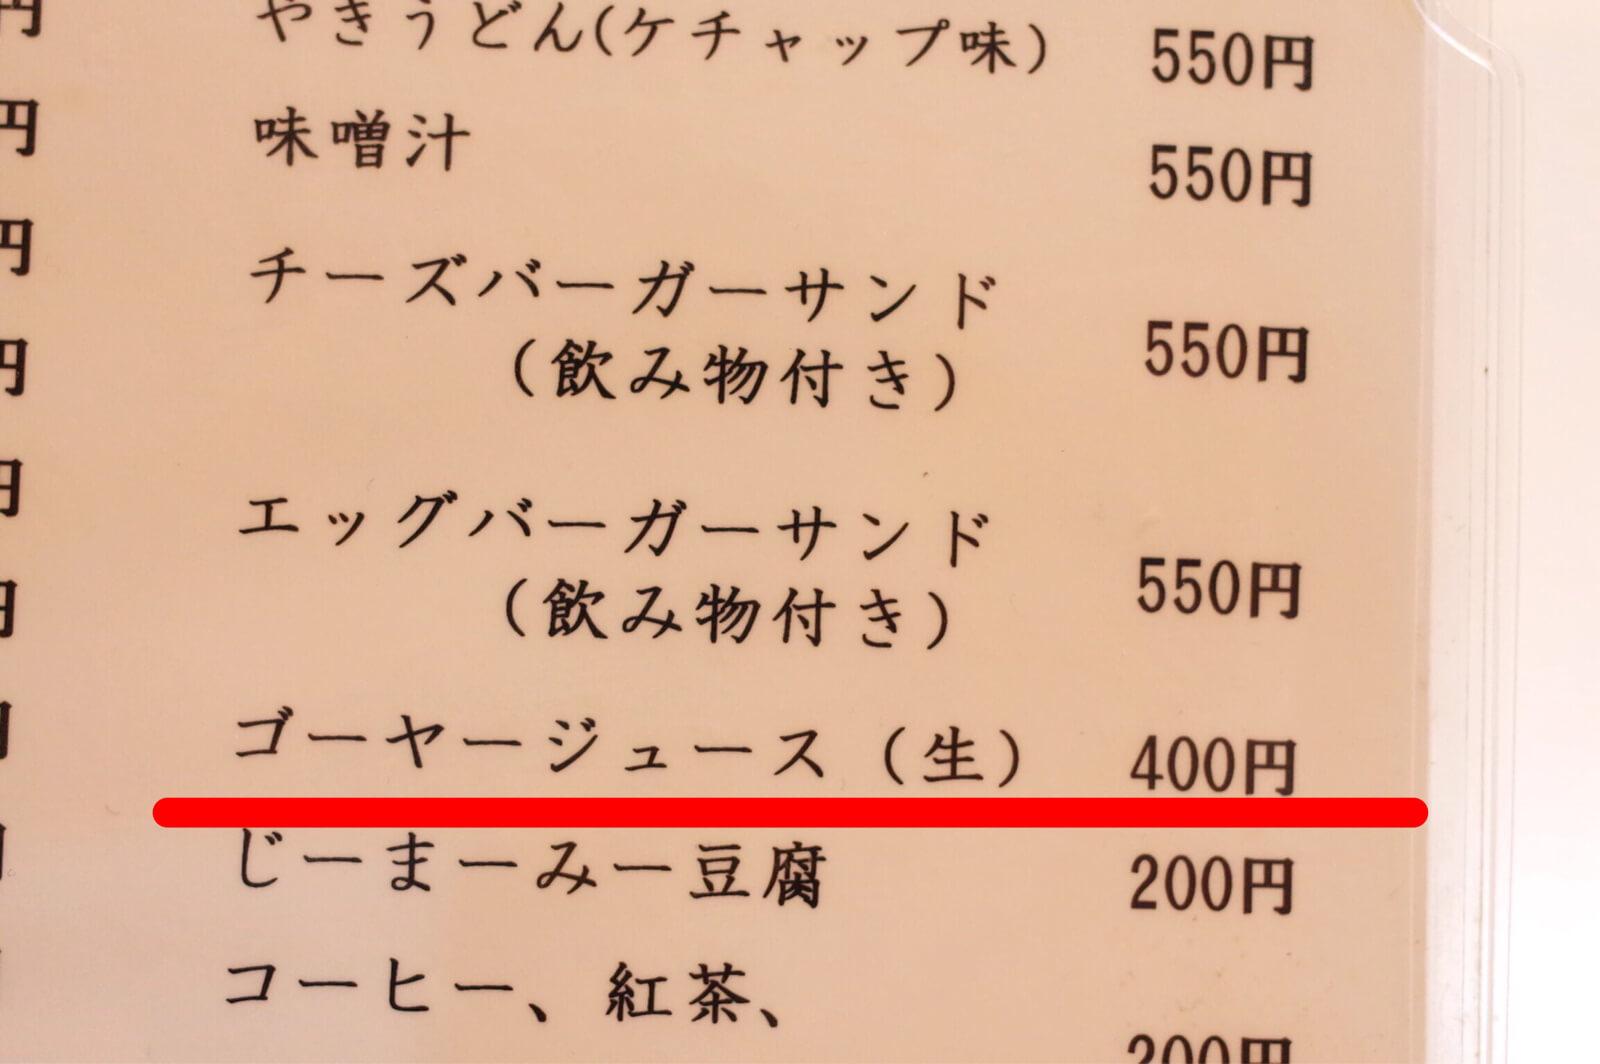 沖縄 那覇 みかど メニュー